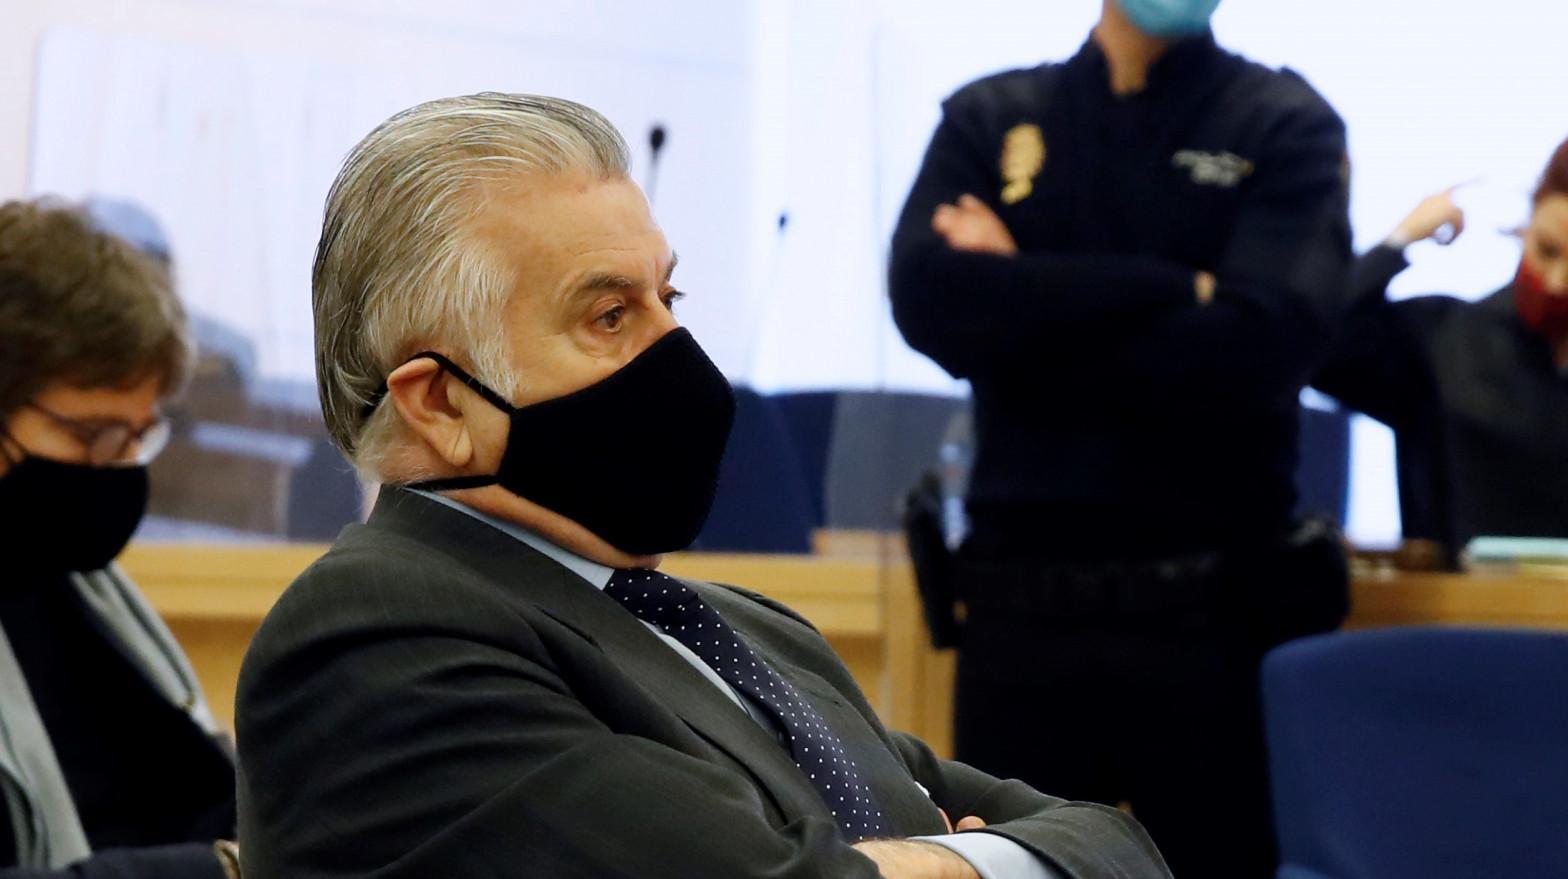 Un testigo admite que gestionó la donación de 10 millones de pesetas al PP, pero sin carácter finalista